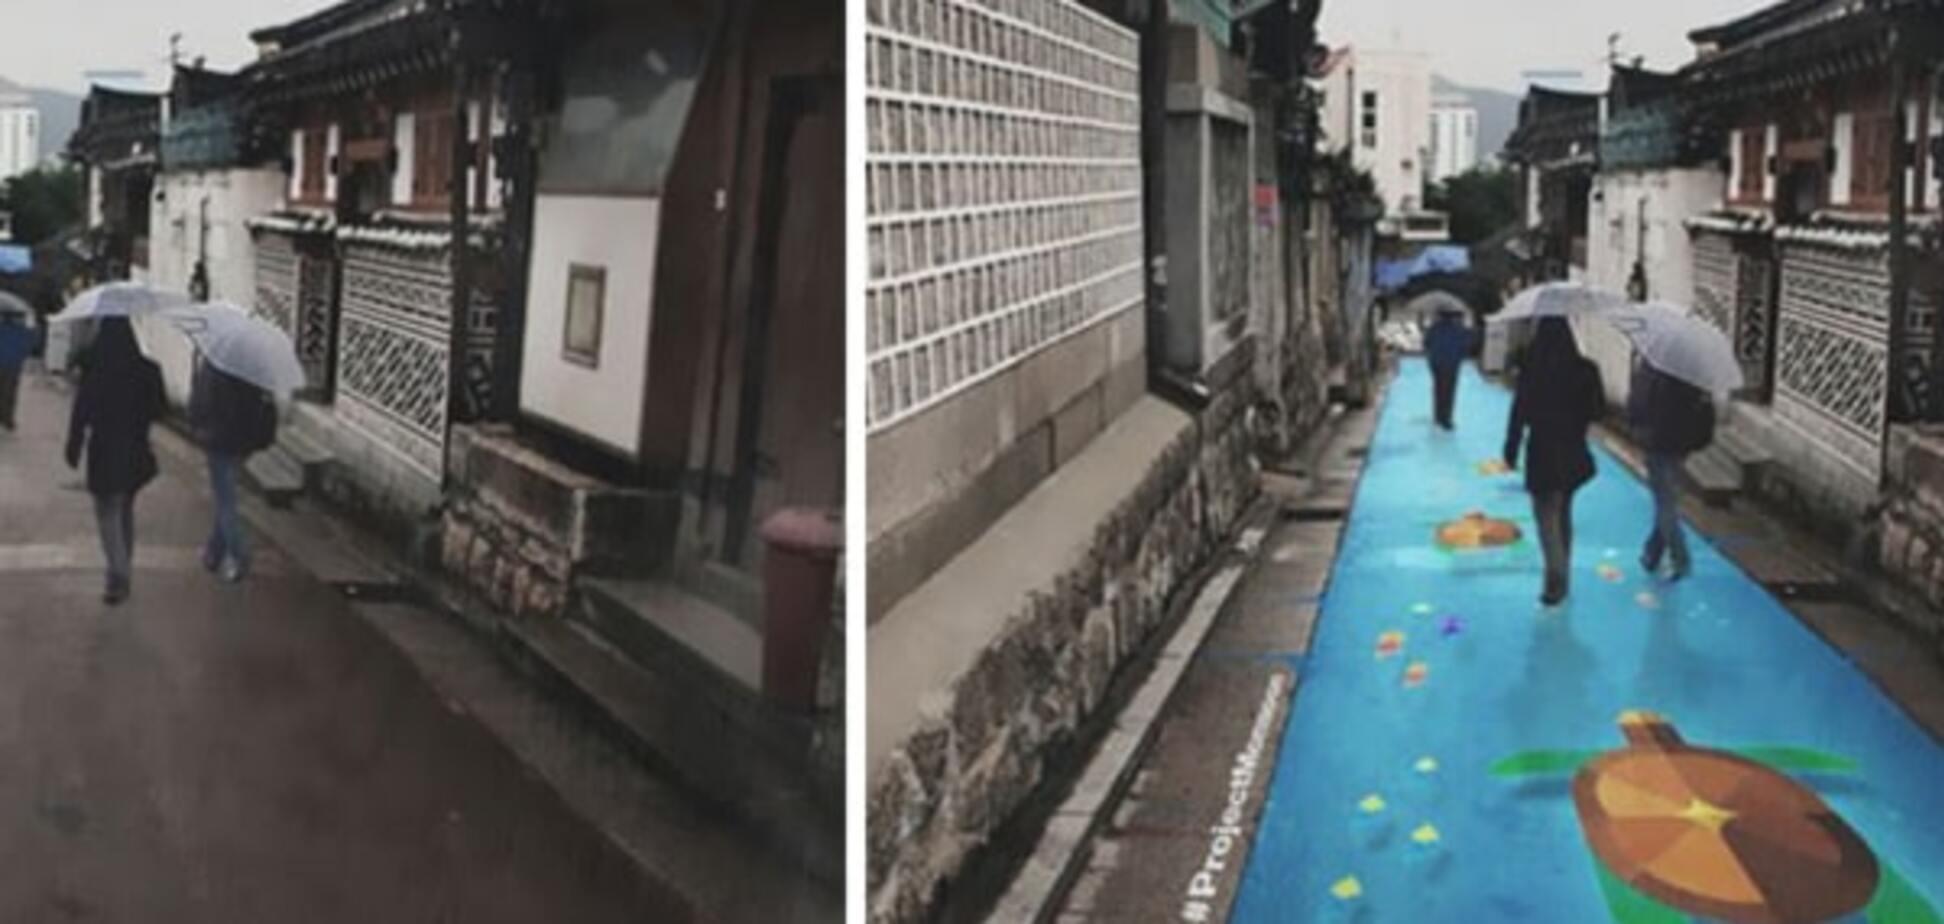 Вулиці Кореї після дощу прикрасили 'невидимі' картини: фотофакт